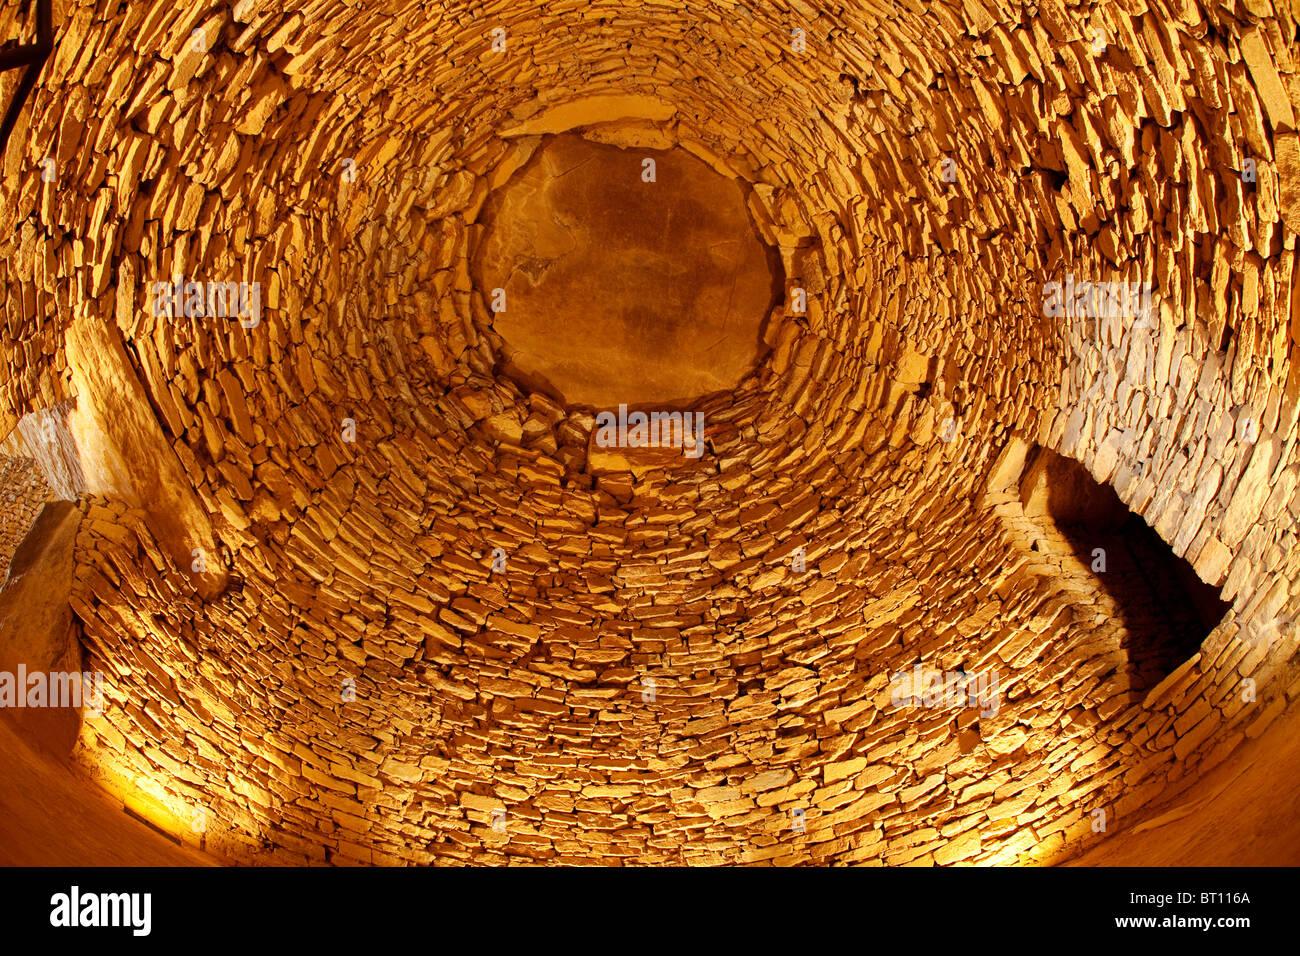 Conjunto megalítico Dolmen El Romeral Antequera Málaga Andalucía España Megalithic Dolmen Romeral - Stock Image